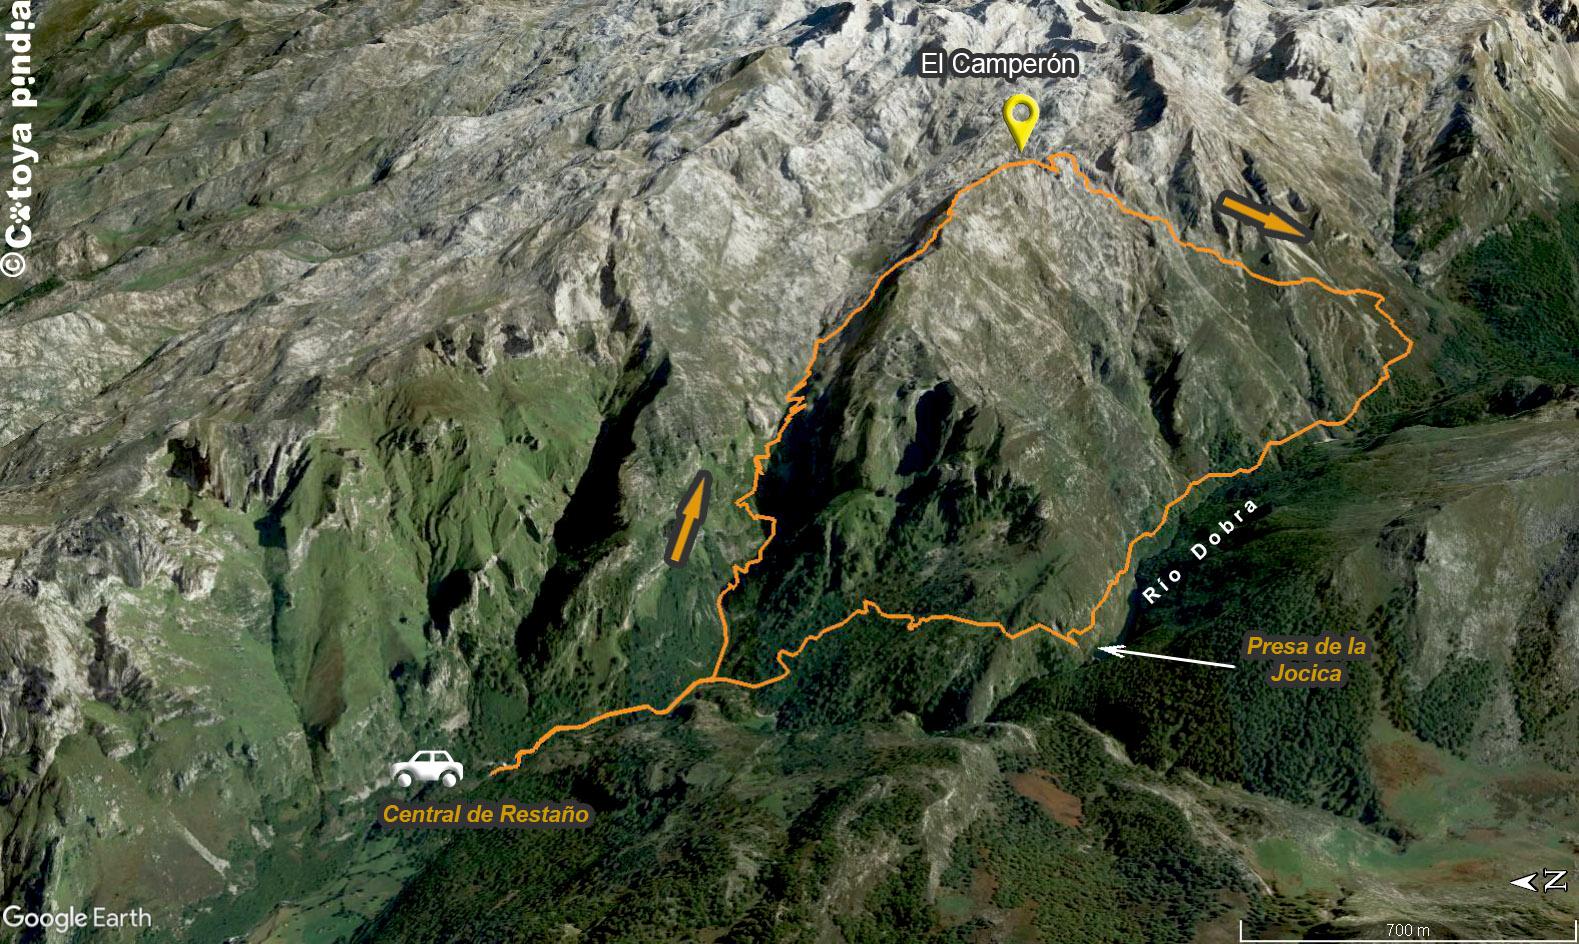 Mapa 3D de la ruta al Pico Camperón en Picos de Europa